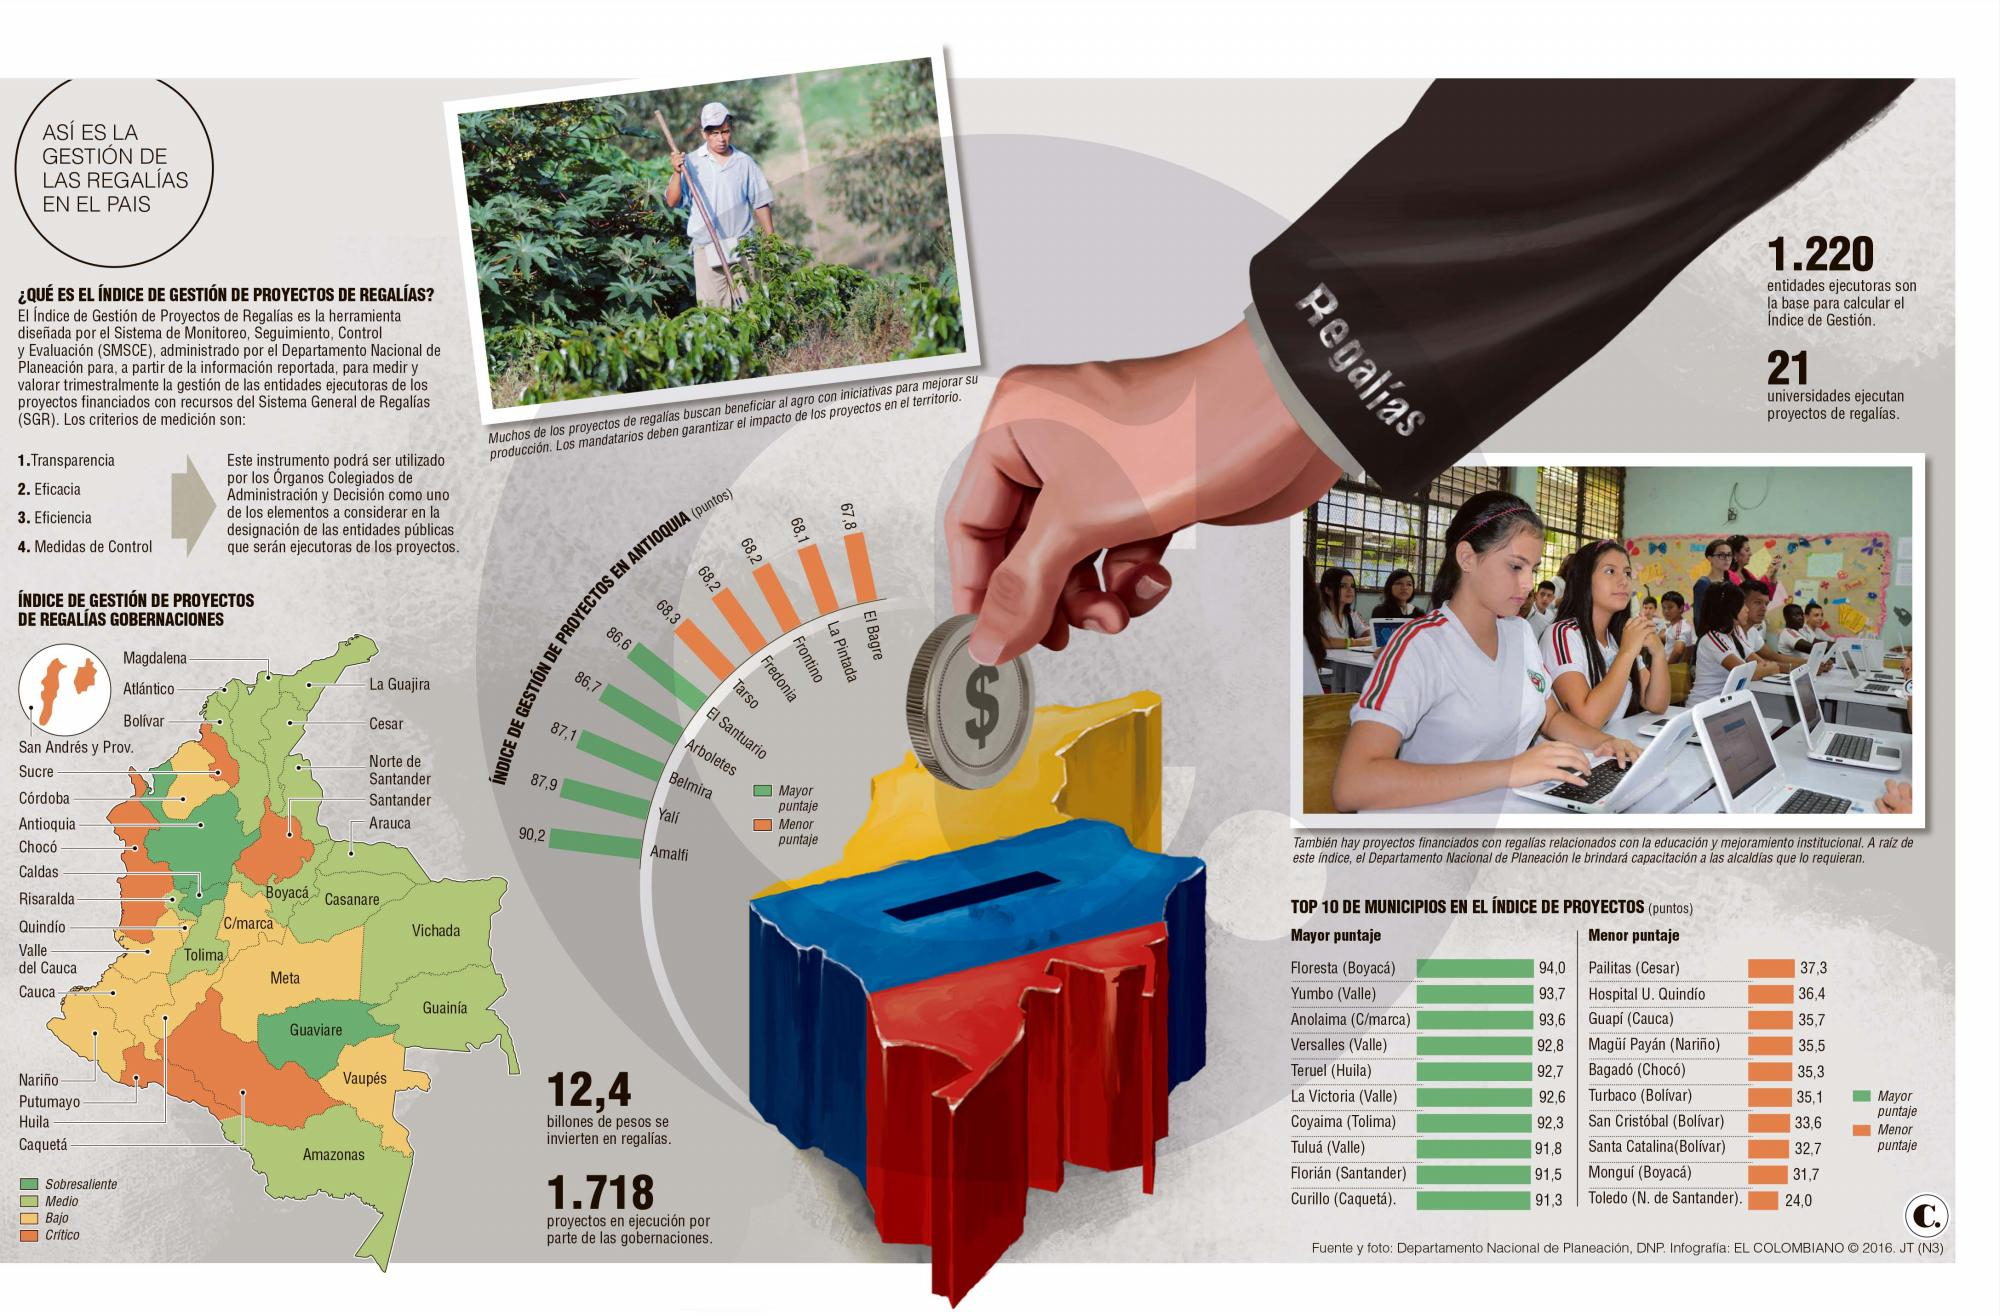 Antioquia, Caldas y Guaviare, con la mejor gestión en regalías